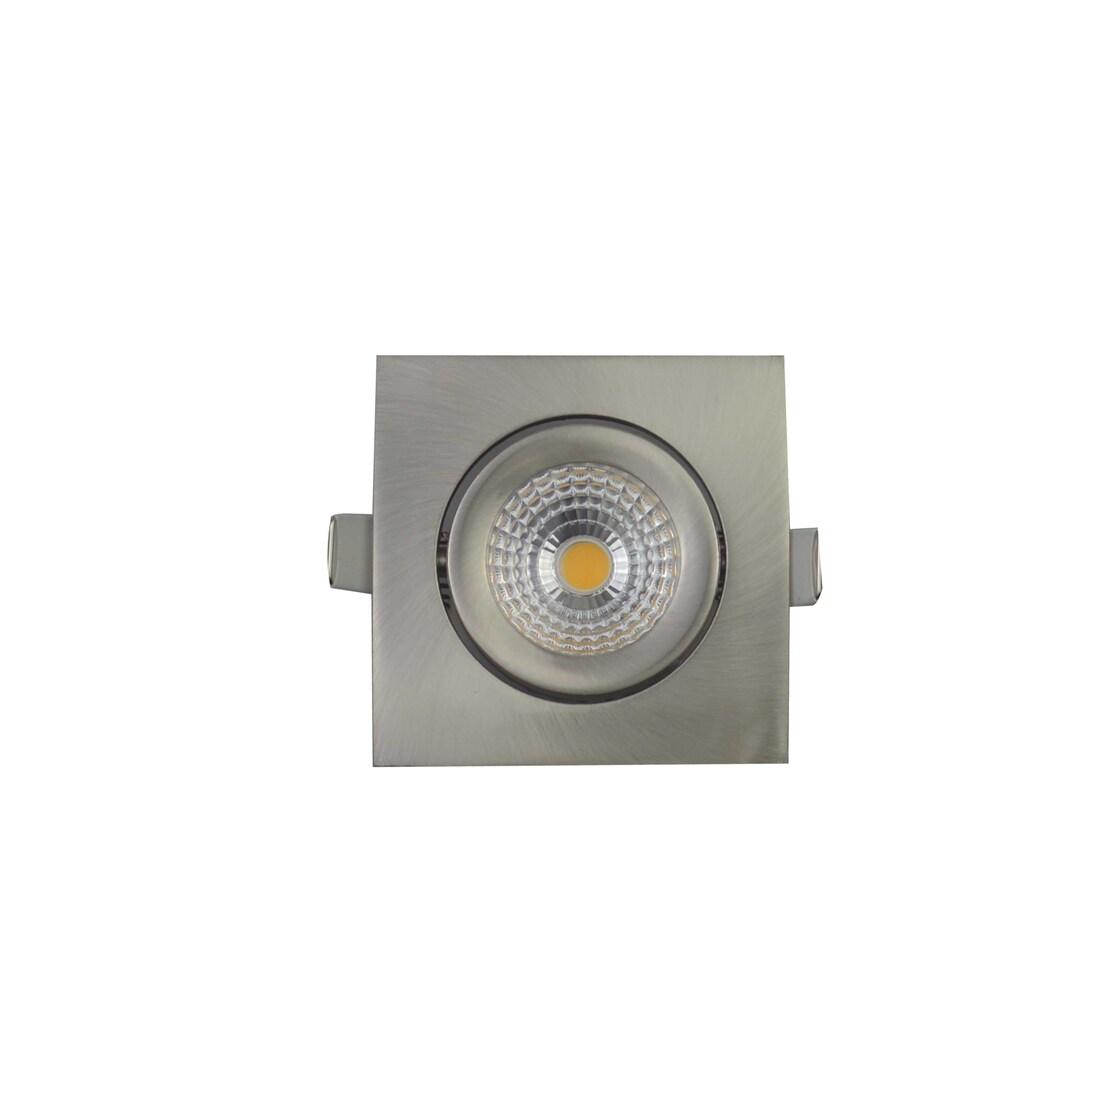 EM Electronics waterdichte inbouwspot dimbaar vierkant kantelbaar nikkel mat - compleet met lamp en driver - IP54